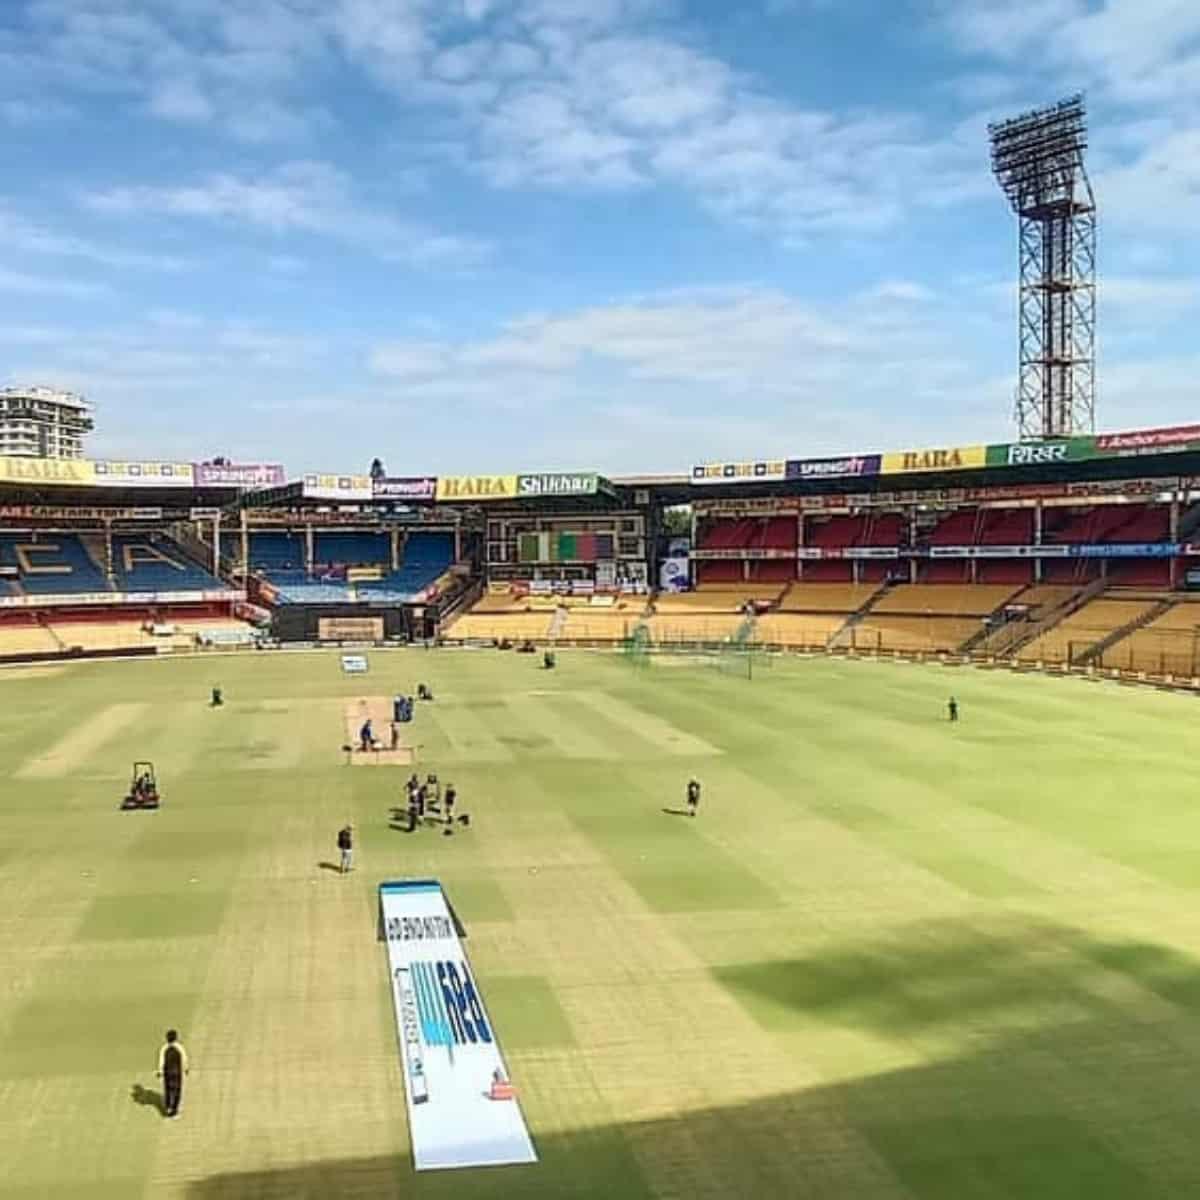 M.Chinnaswamy Stadium, KSCA Stadium - Bengaluru